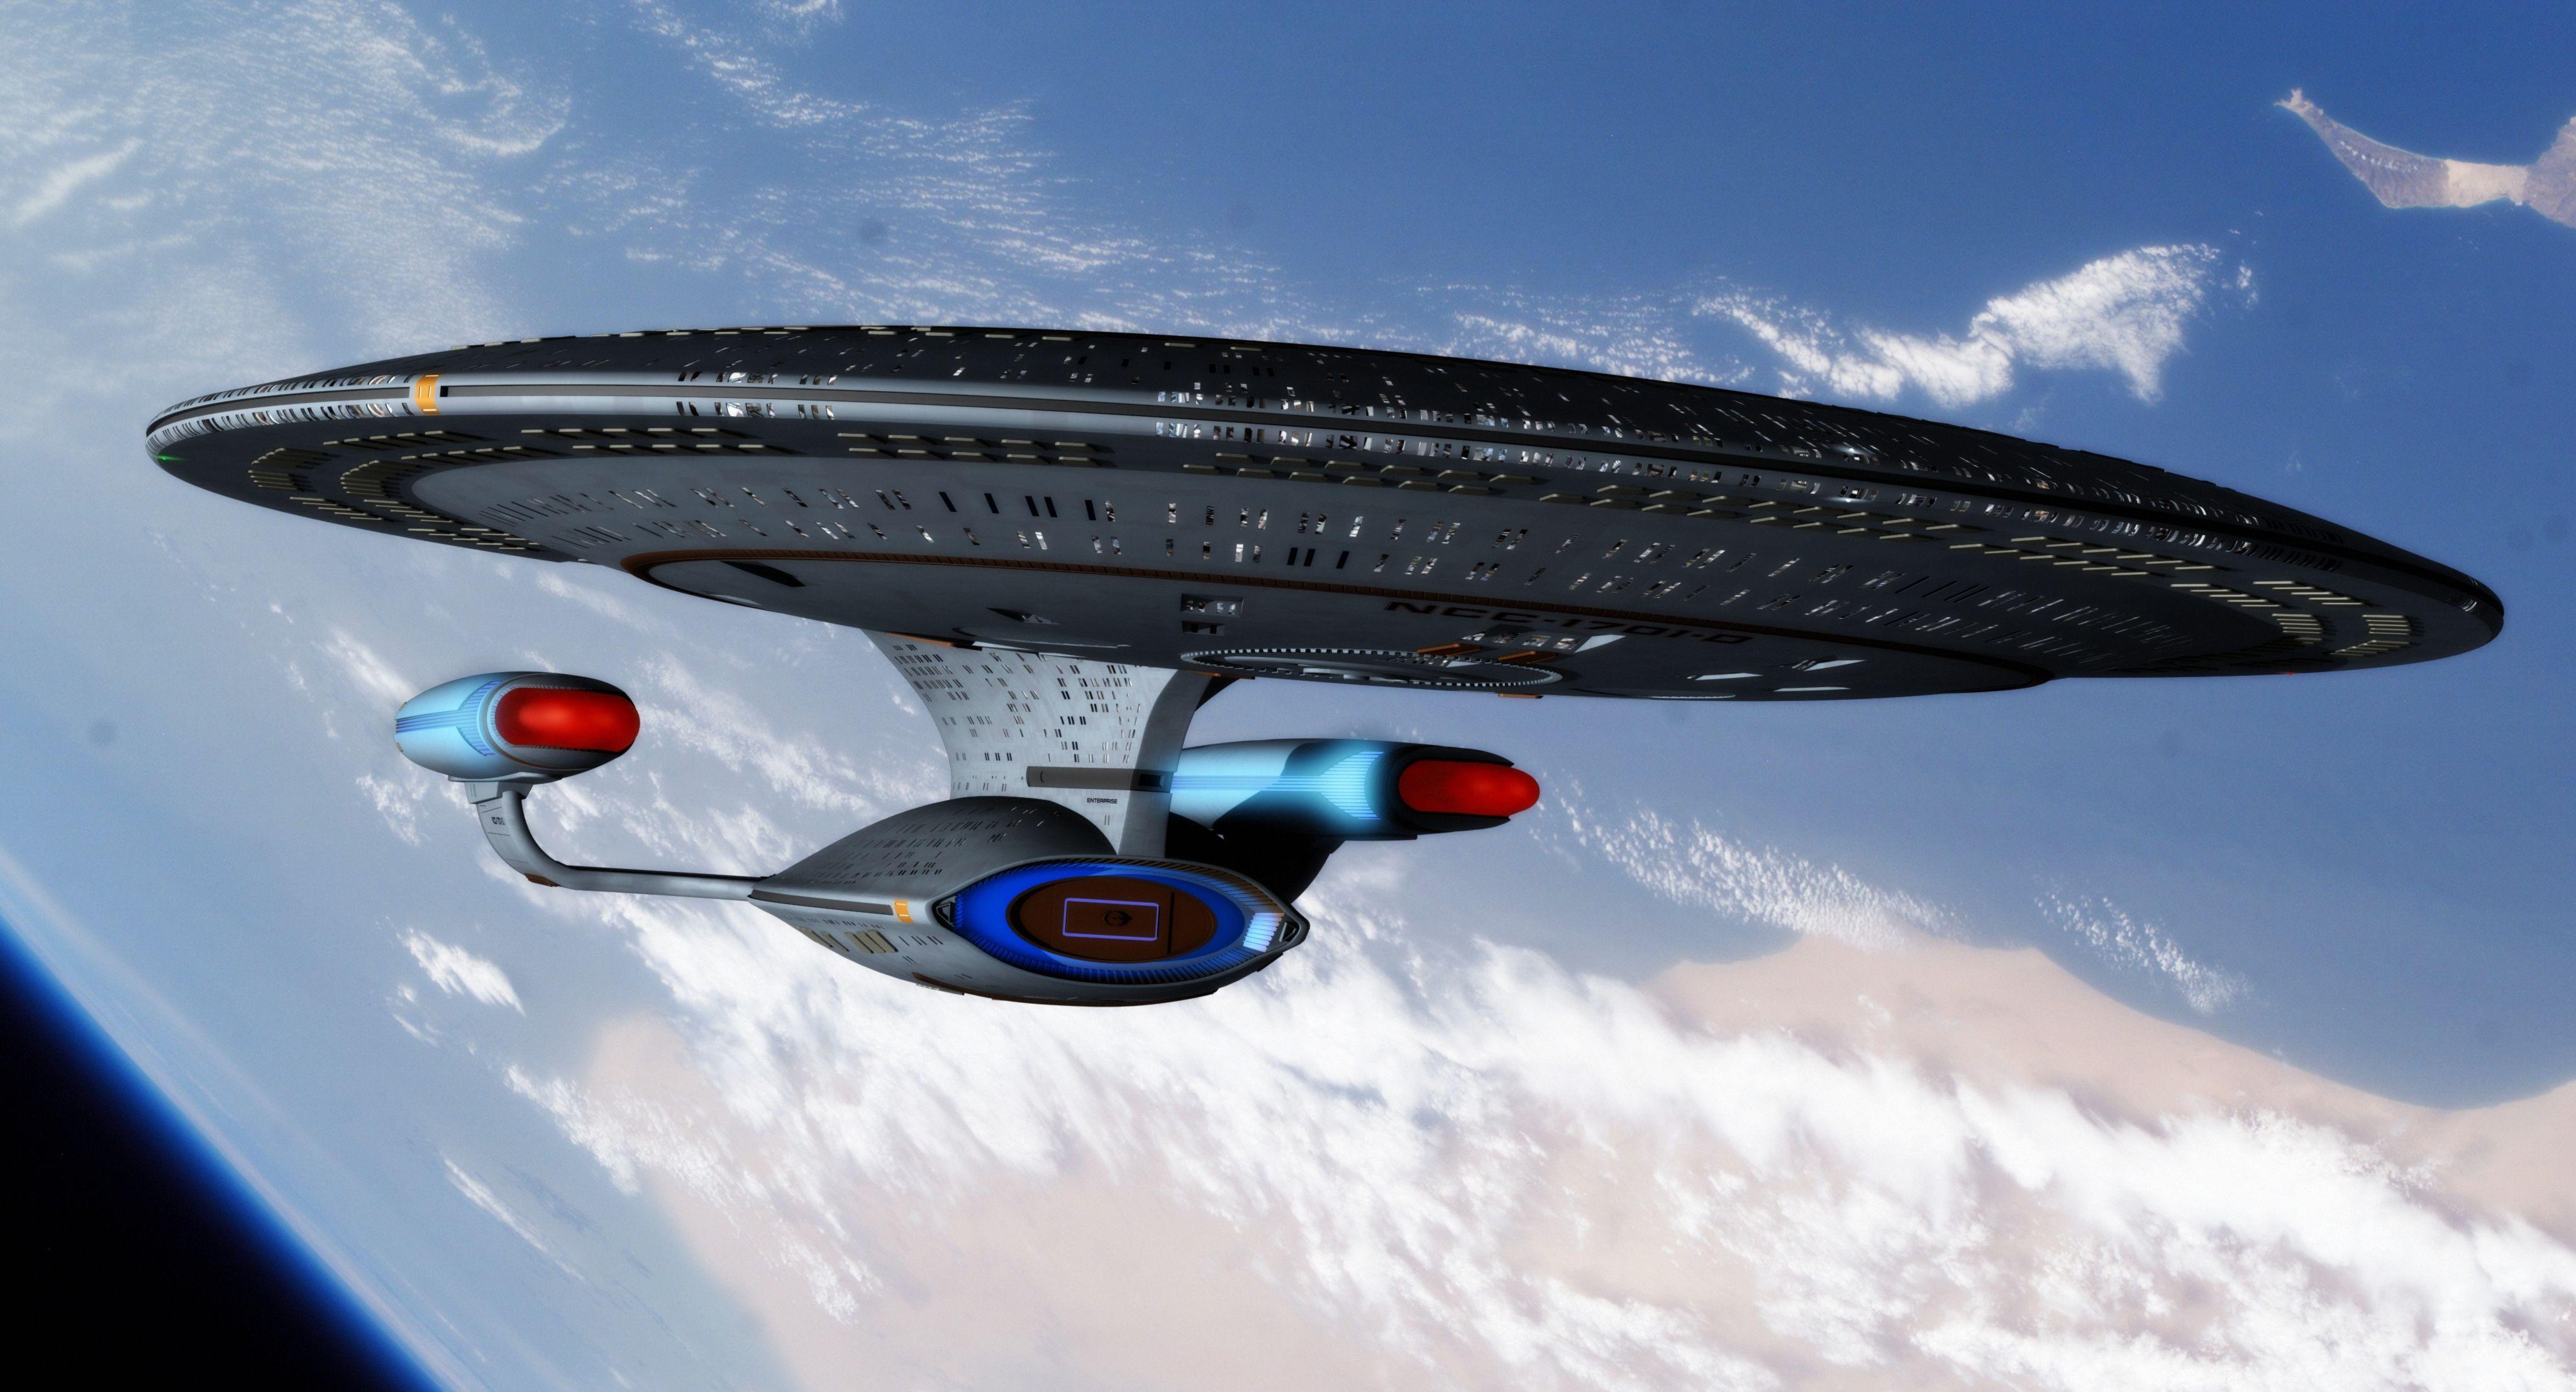 Uss enterprise ncc 1701 d galaxy class saucer separation r flickr - Uss Enterprise Ncc 1701 D By Thefirstfleet Deviantart Com